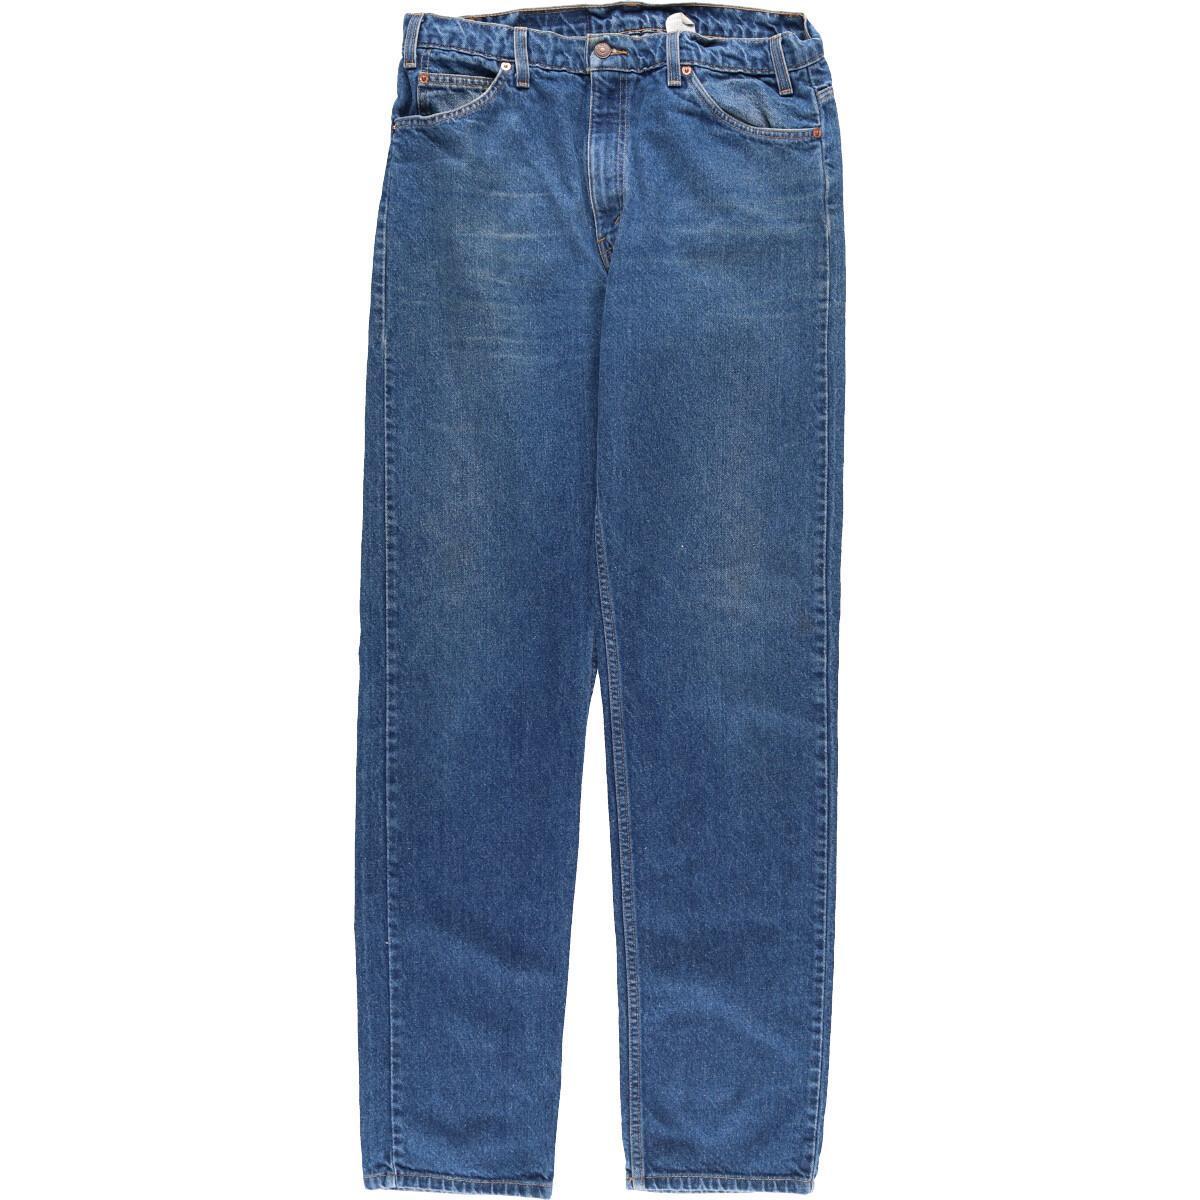 メンズファッション, ズボン・パンツ 90 Levis 505 REGULAR FIT STRAIGHT LEG w35 eaa174559 210703